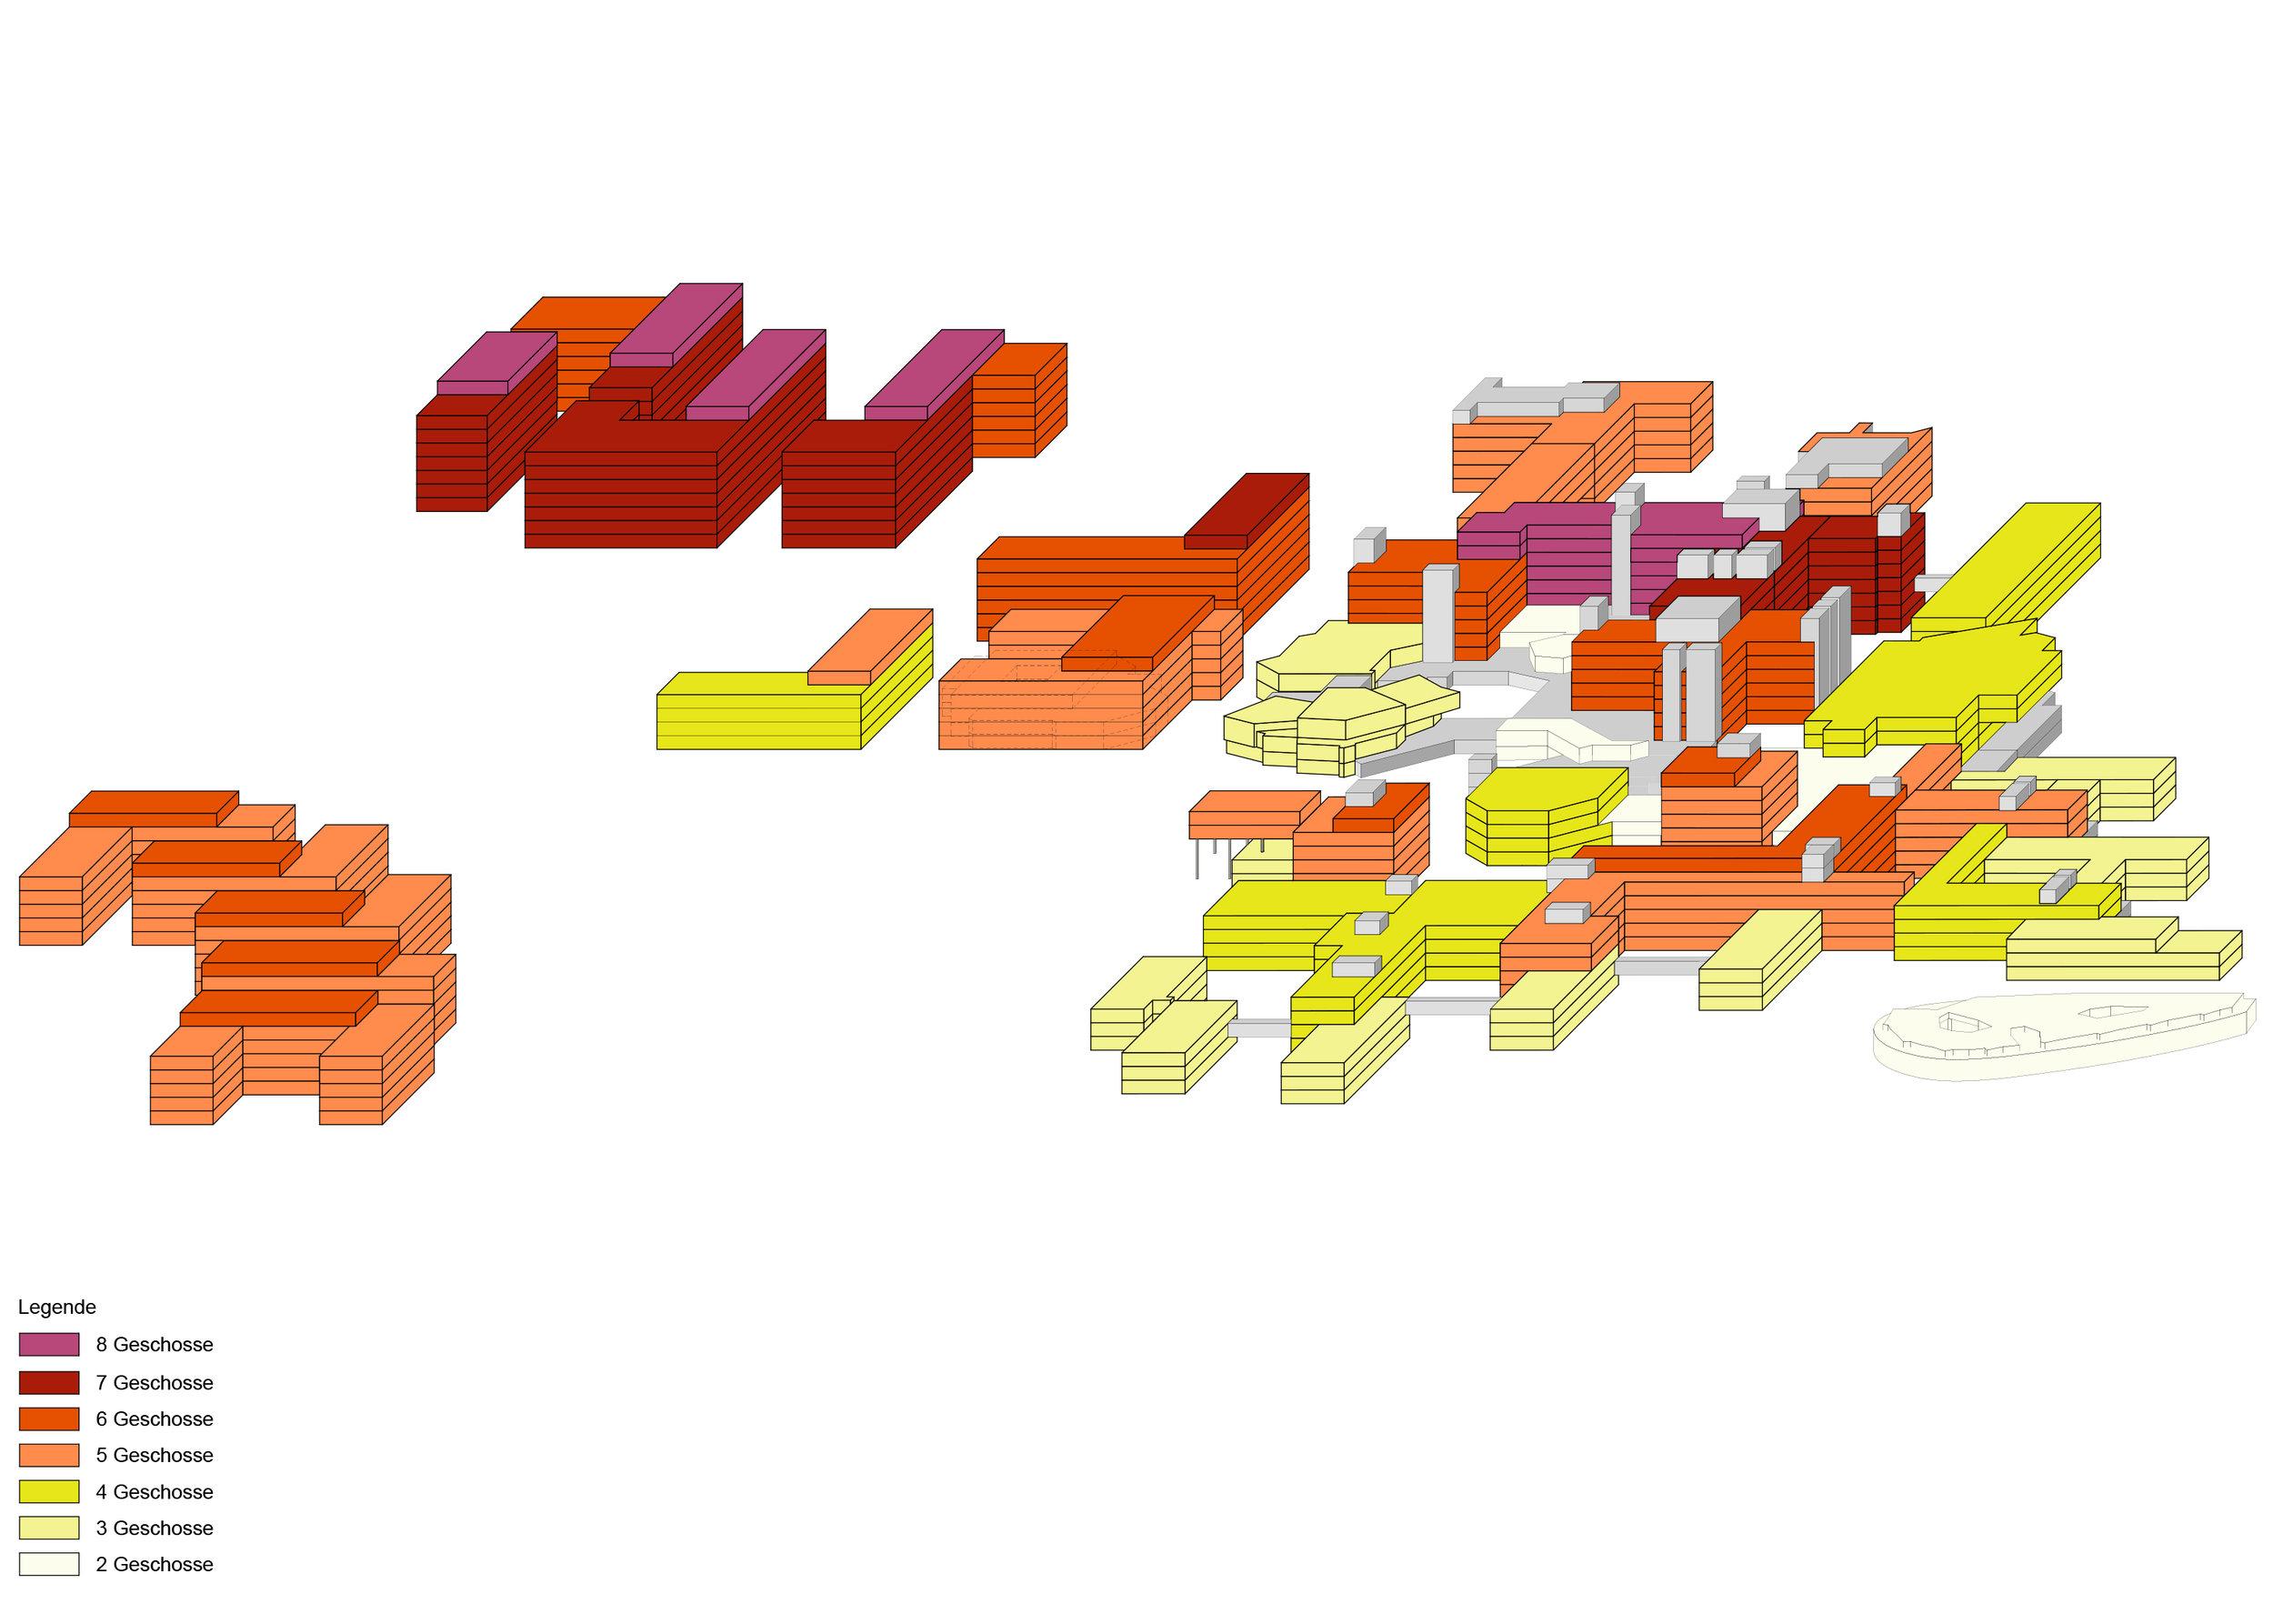 Höhenentwicklung_web.jpg